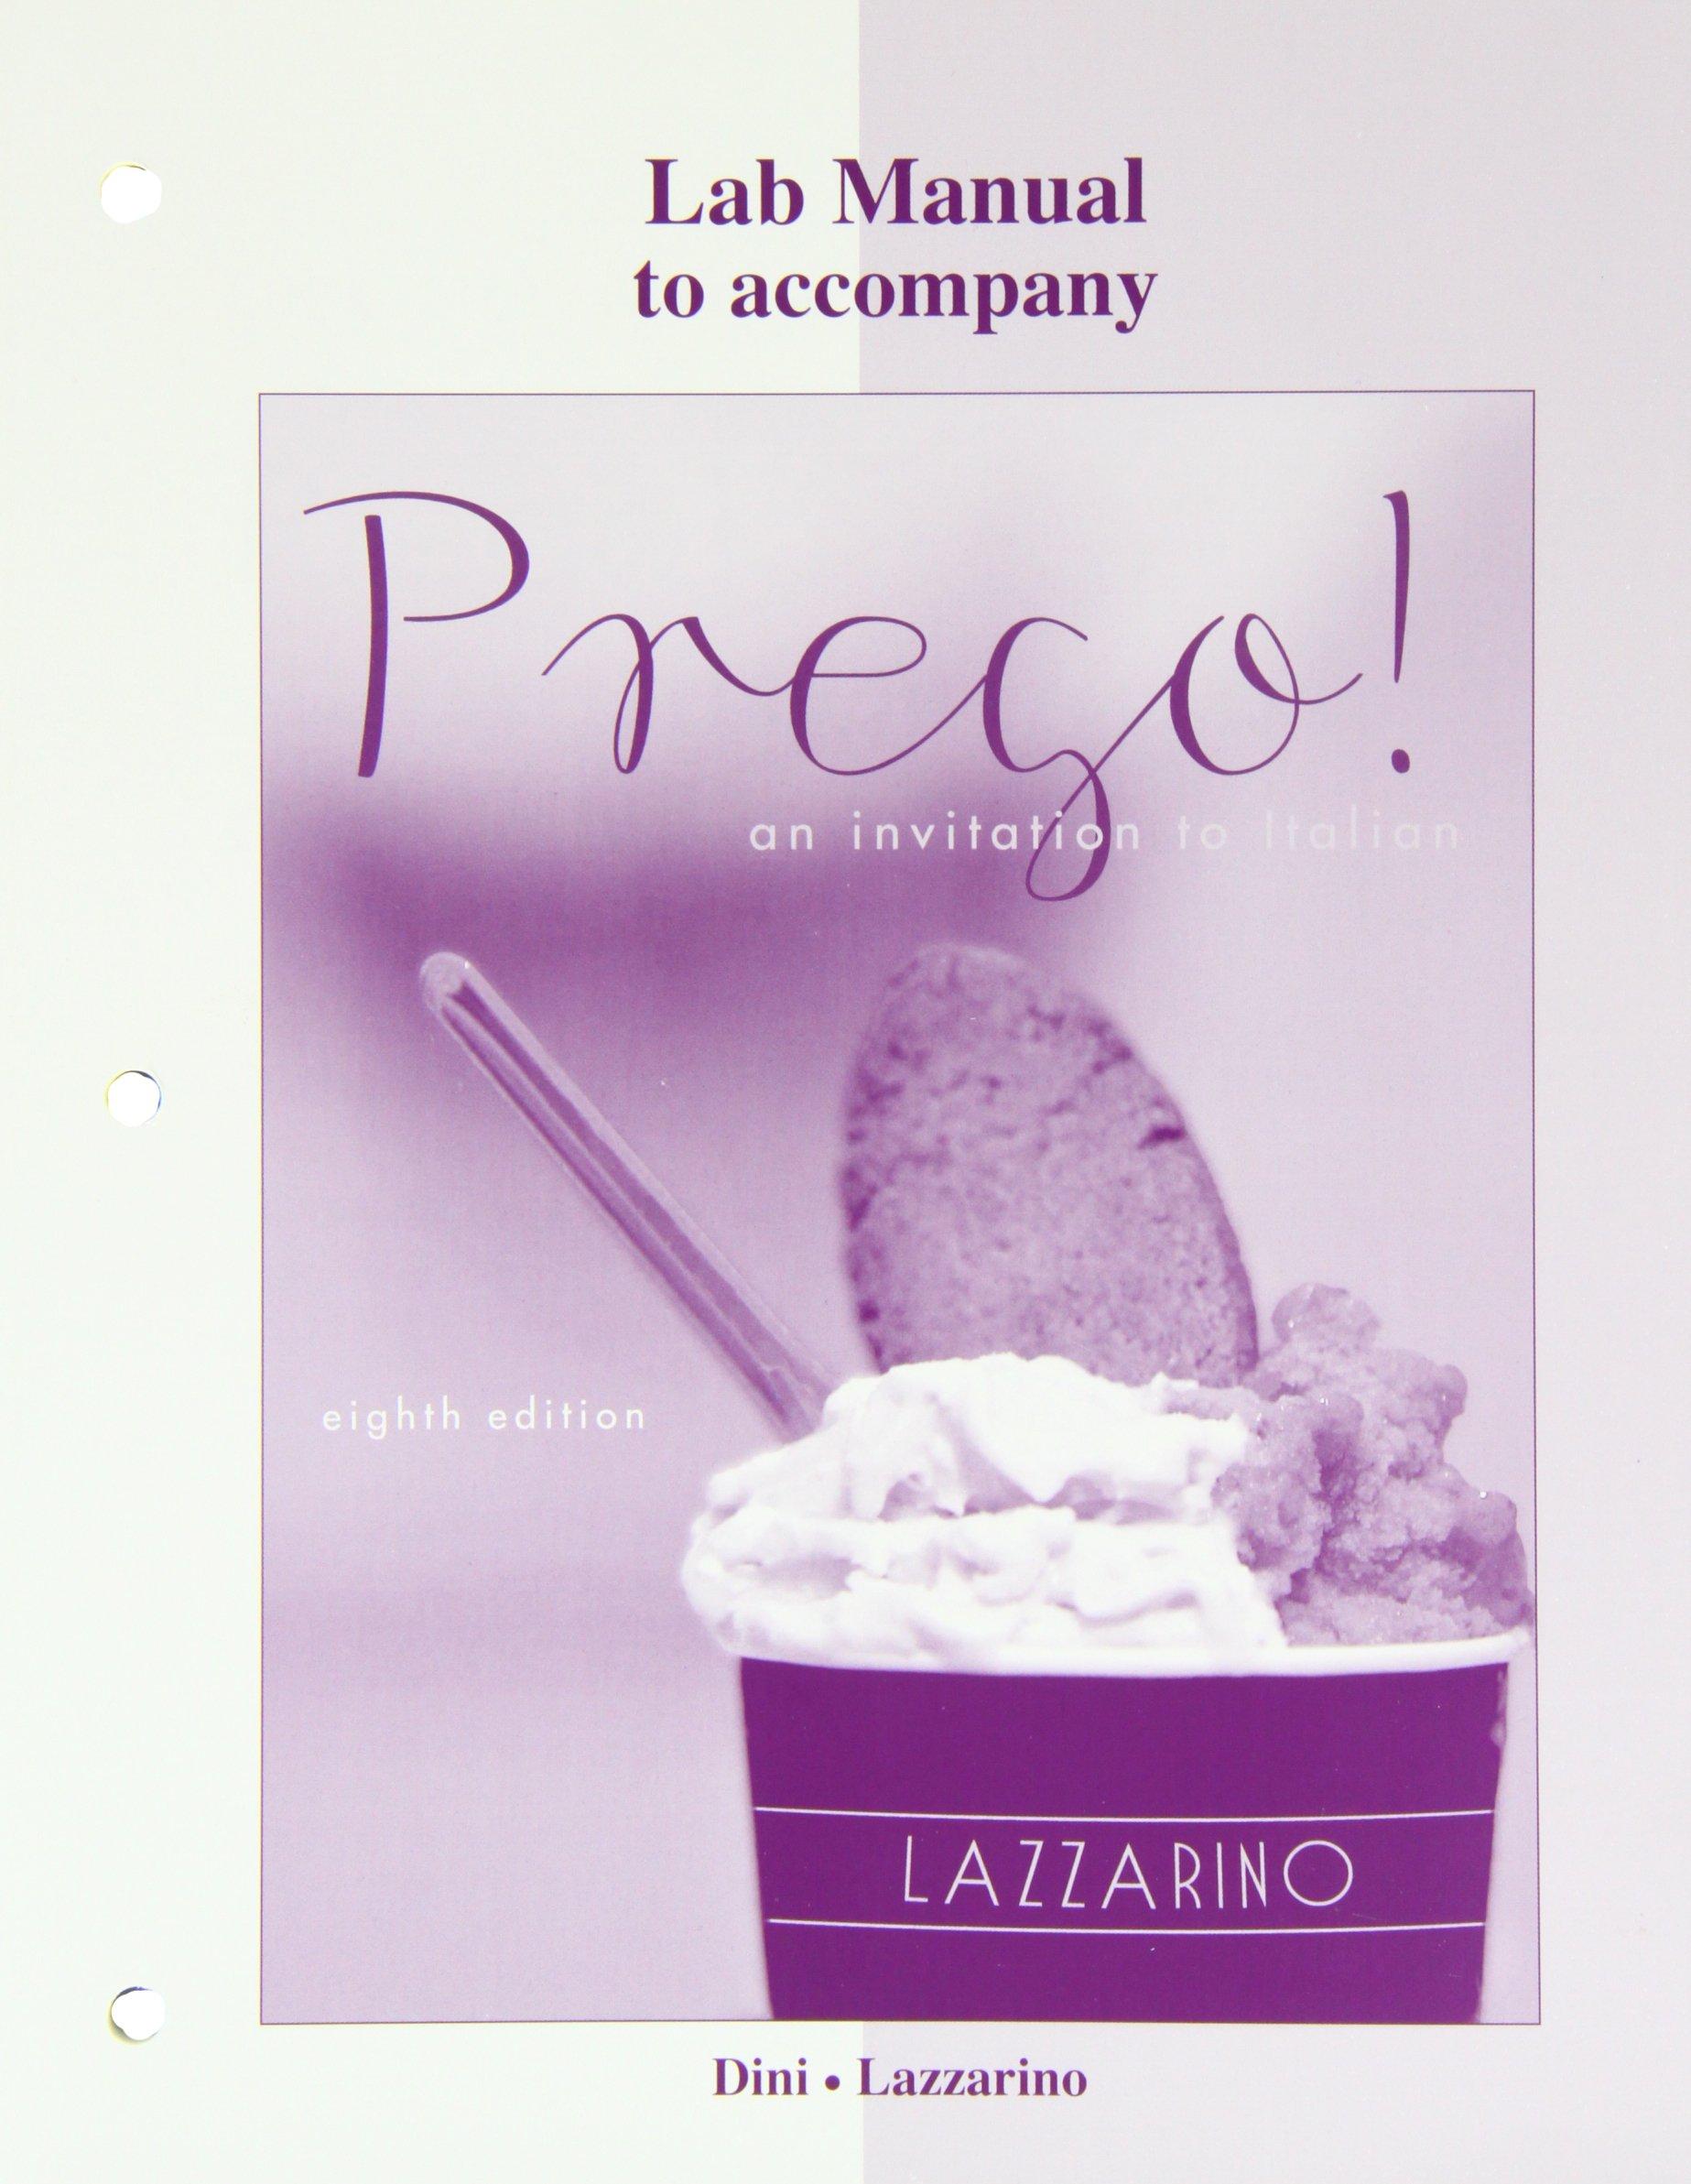 Laboratory Manual for Prego!: Graziana Lazzarino, Andrea Dini:  9780077382483: Books - Amazon.ca